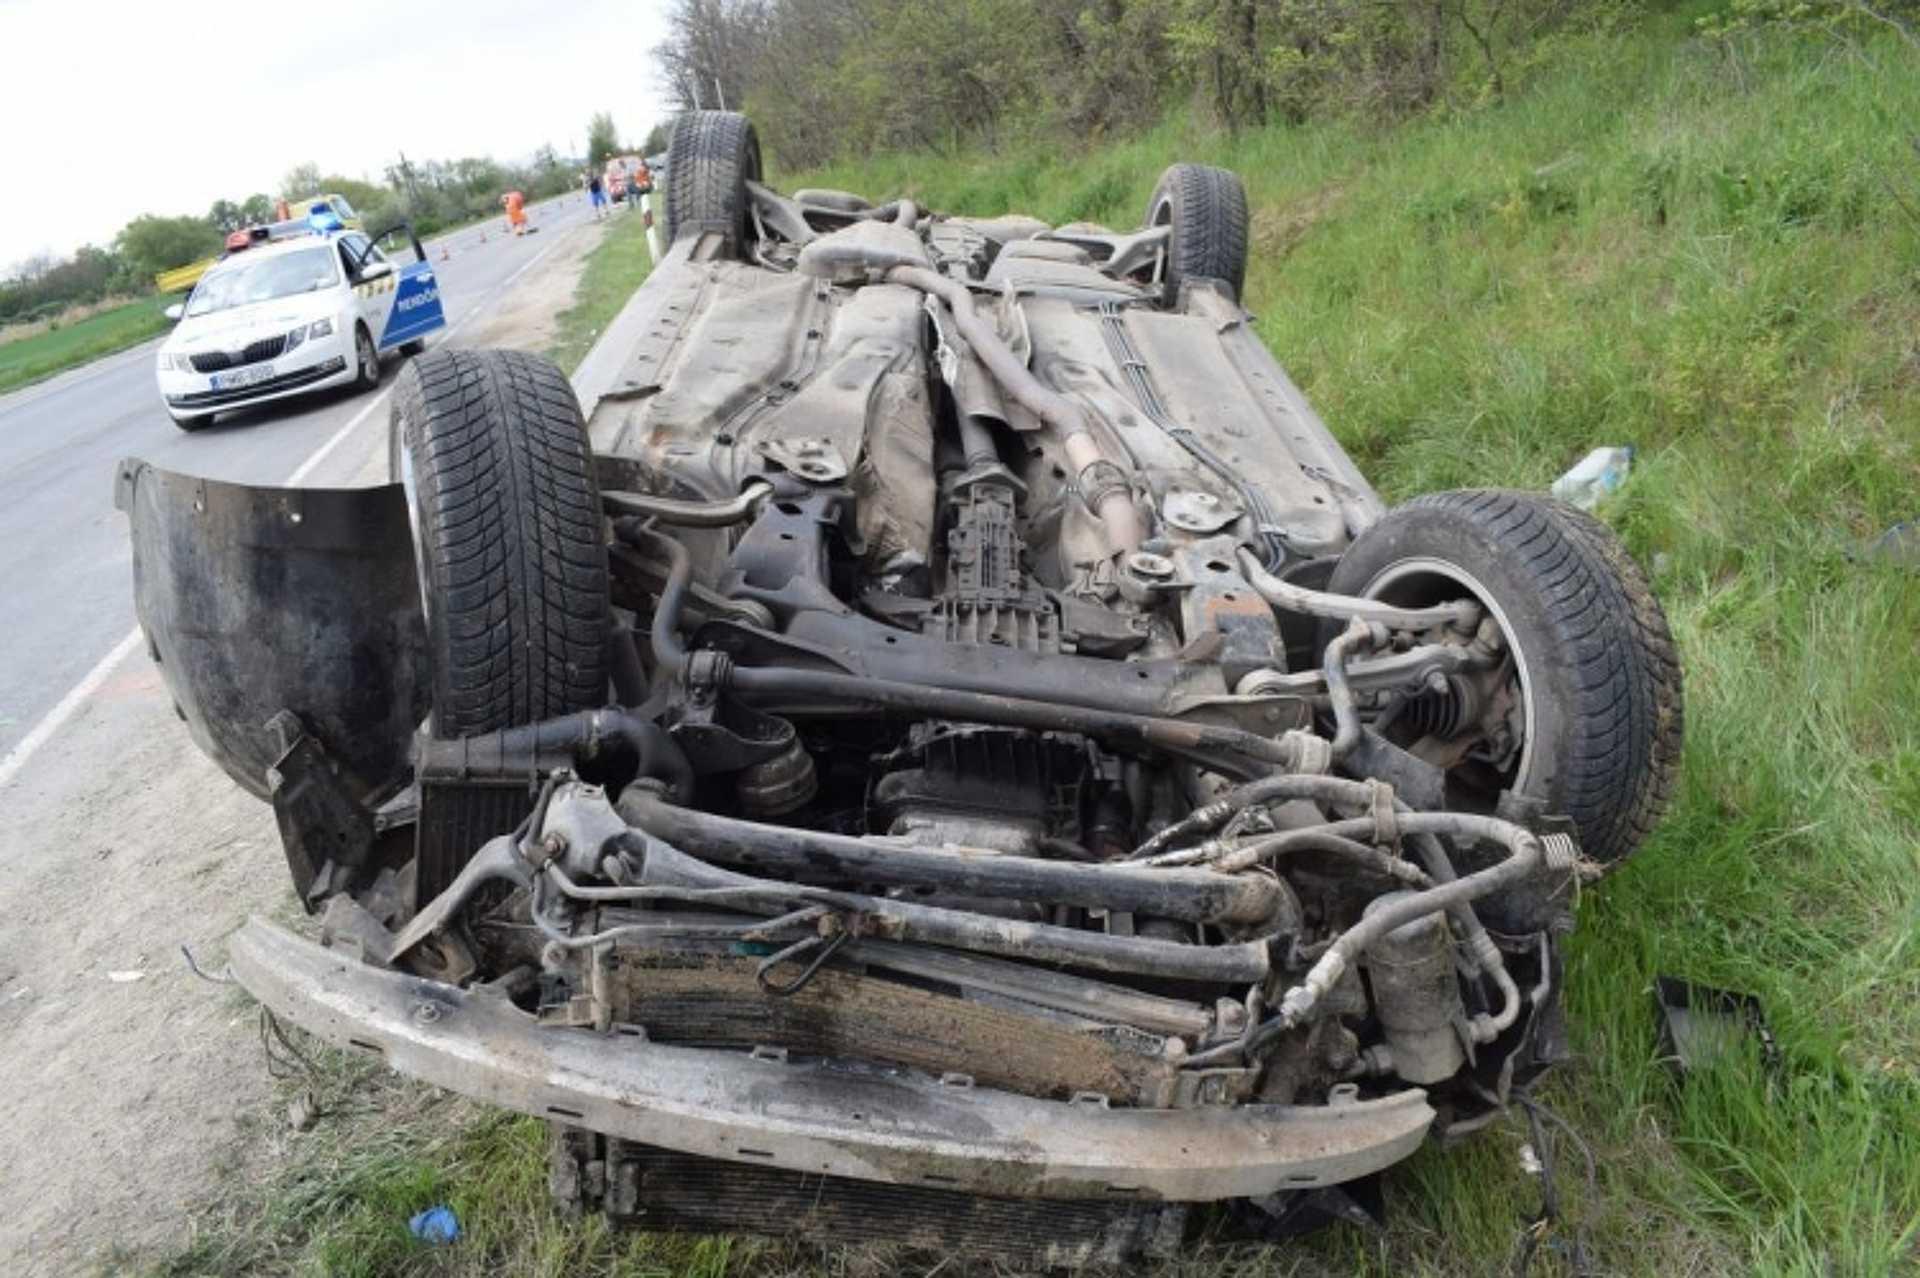 Felborult autó a 84-es úton